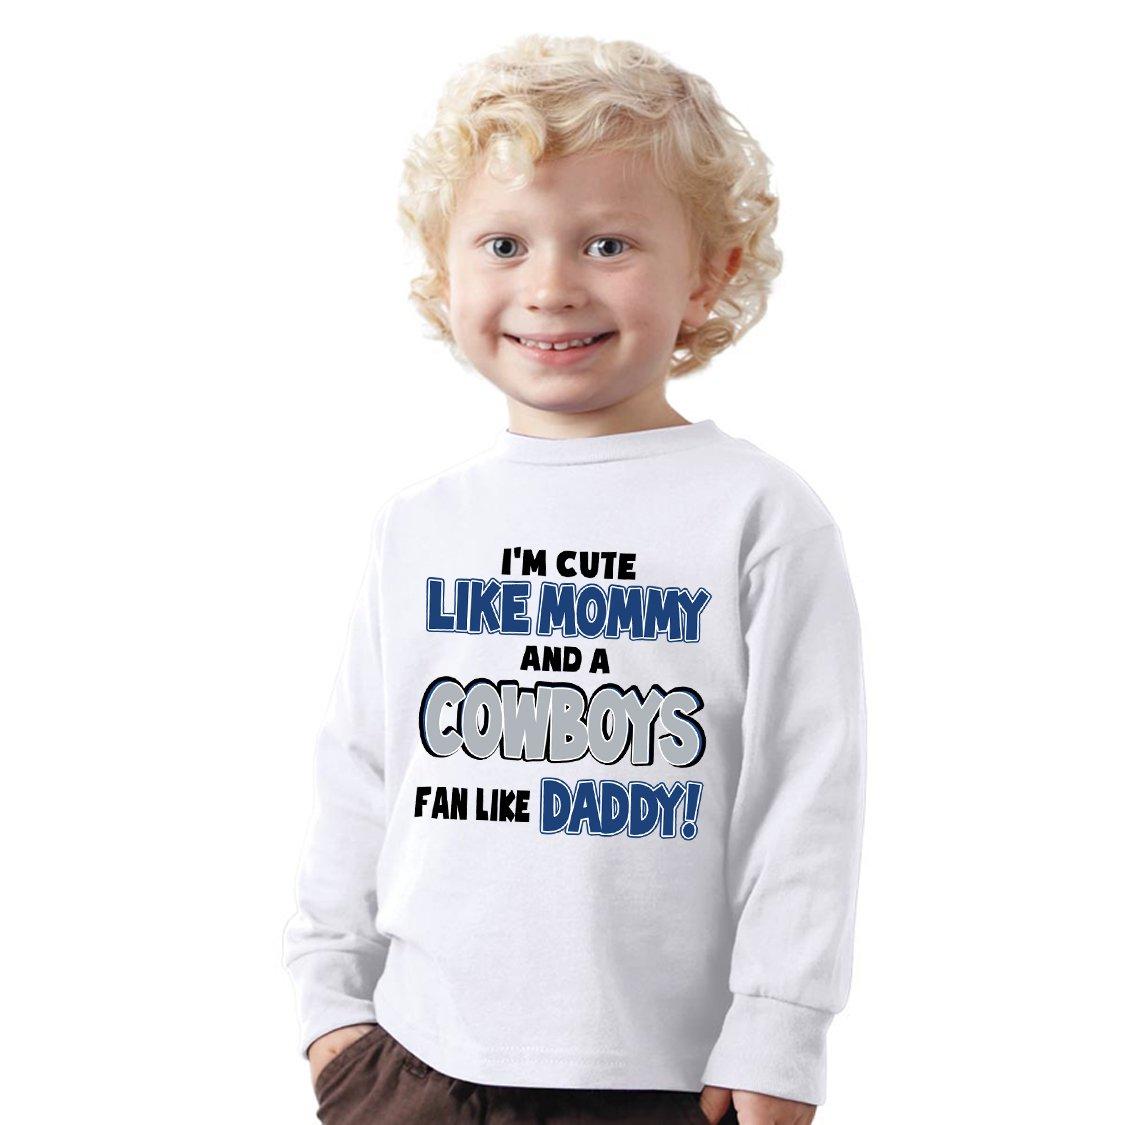 b57de67fc I m Cute like Mommy and a COWBOYS fan like Daddy Shirt - NanyCrafts